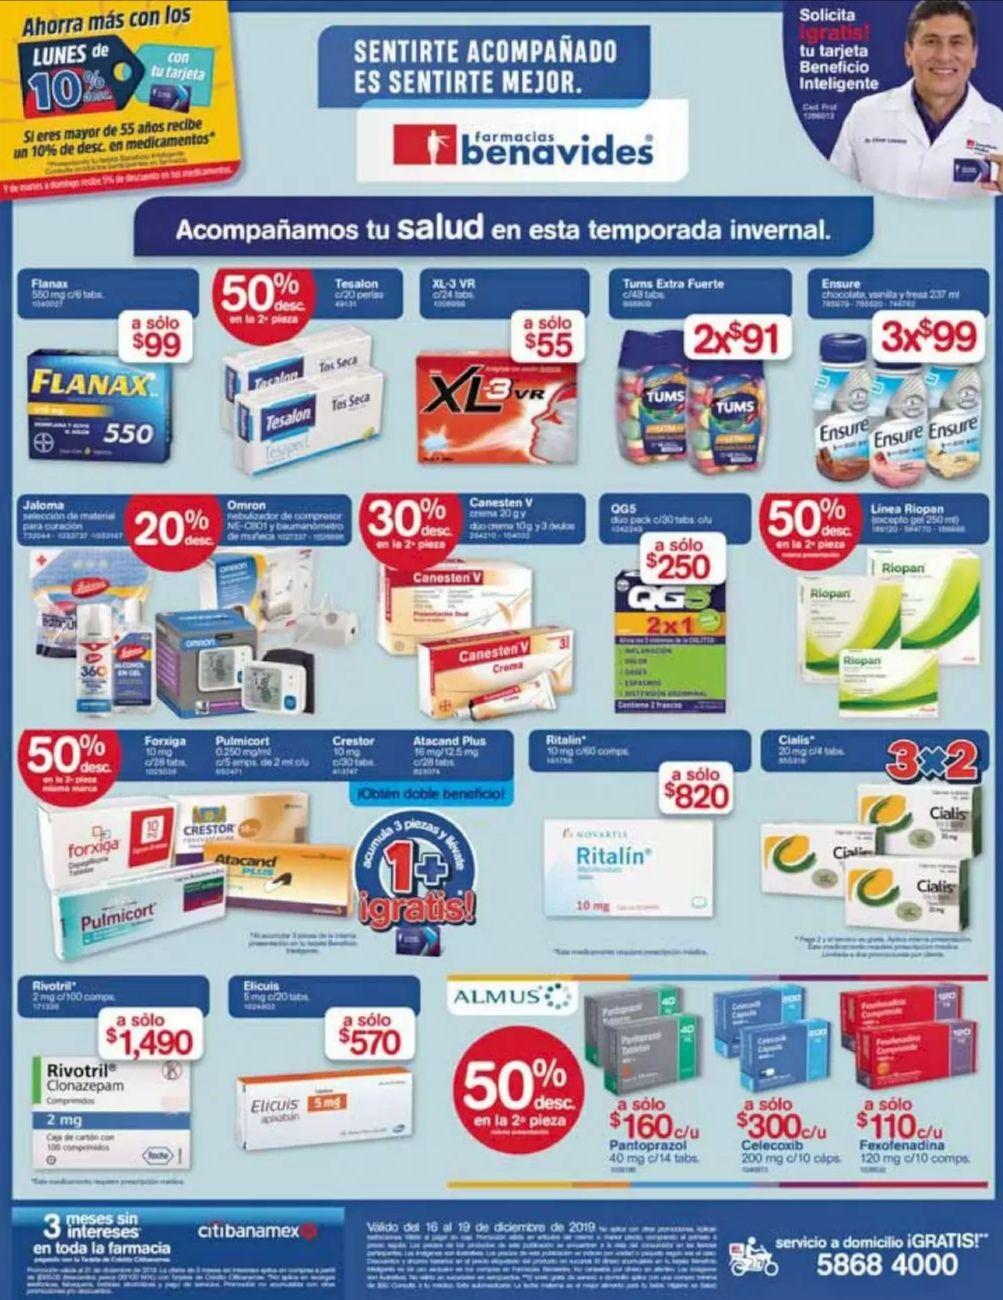 Farmacias Benavides: Ofertas del Lunes 16 al Jueves 19 de Diciembre